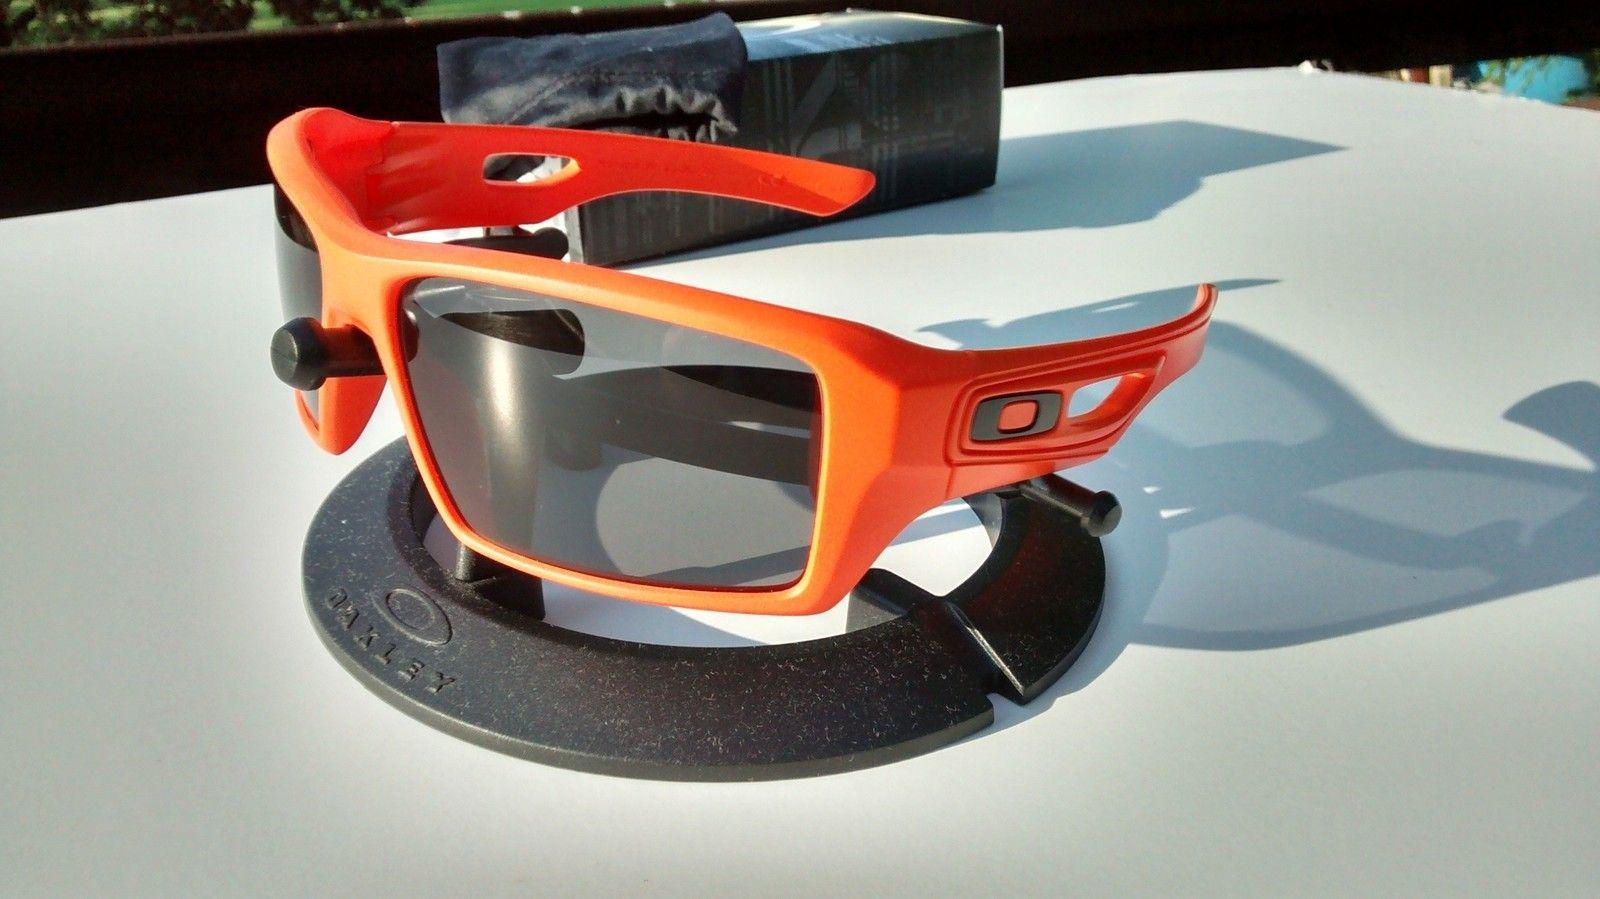 Safety Orange Cerakote Eyepatch 2 - UYmRg5u.jpg